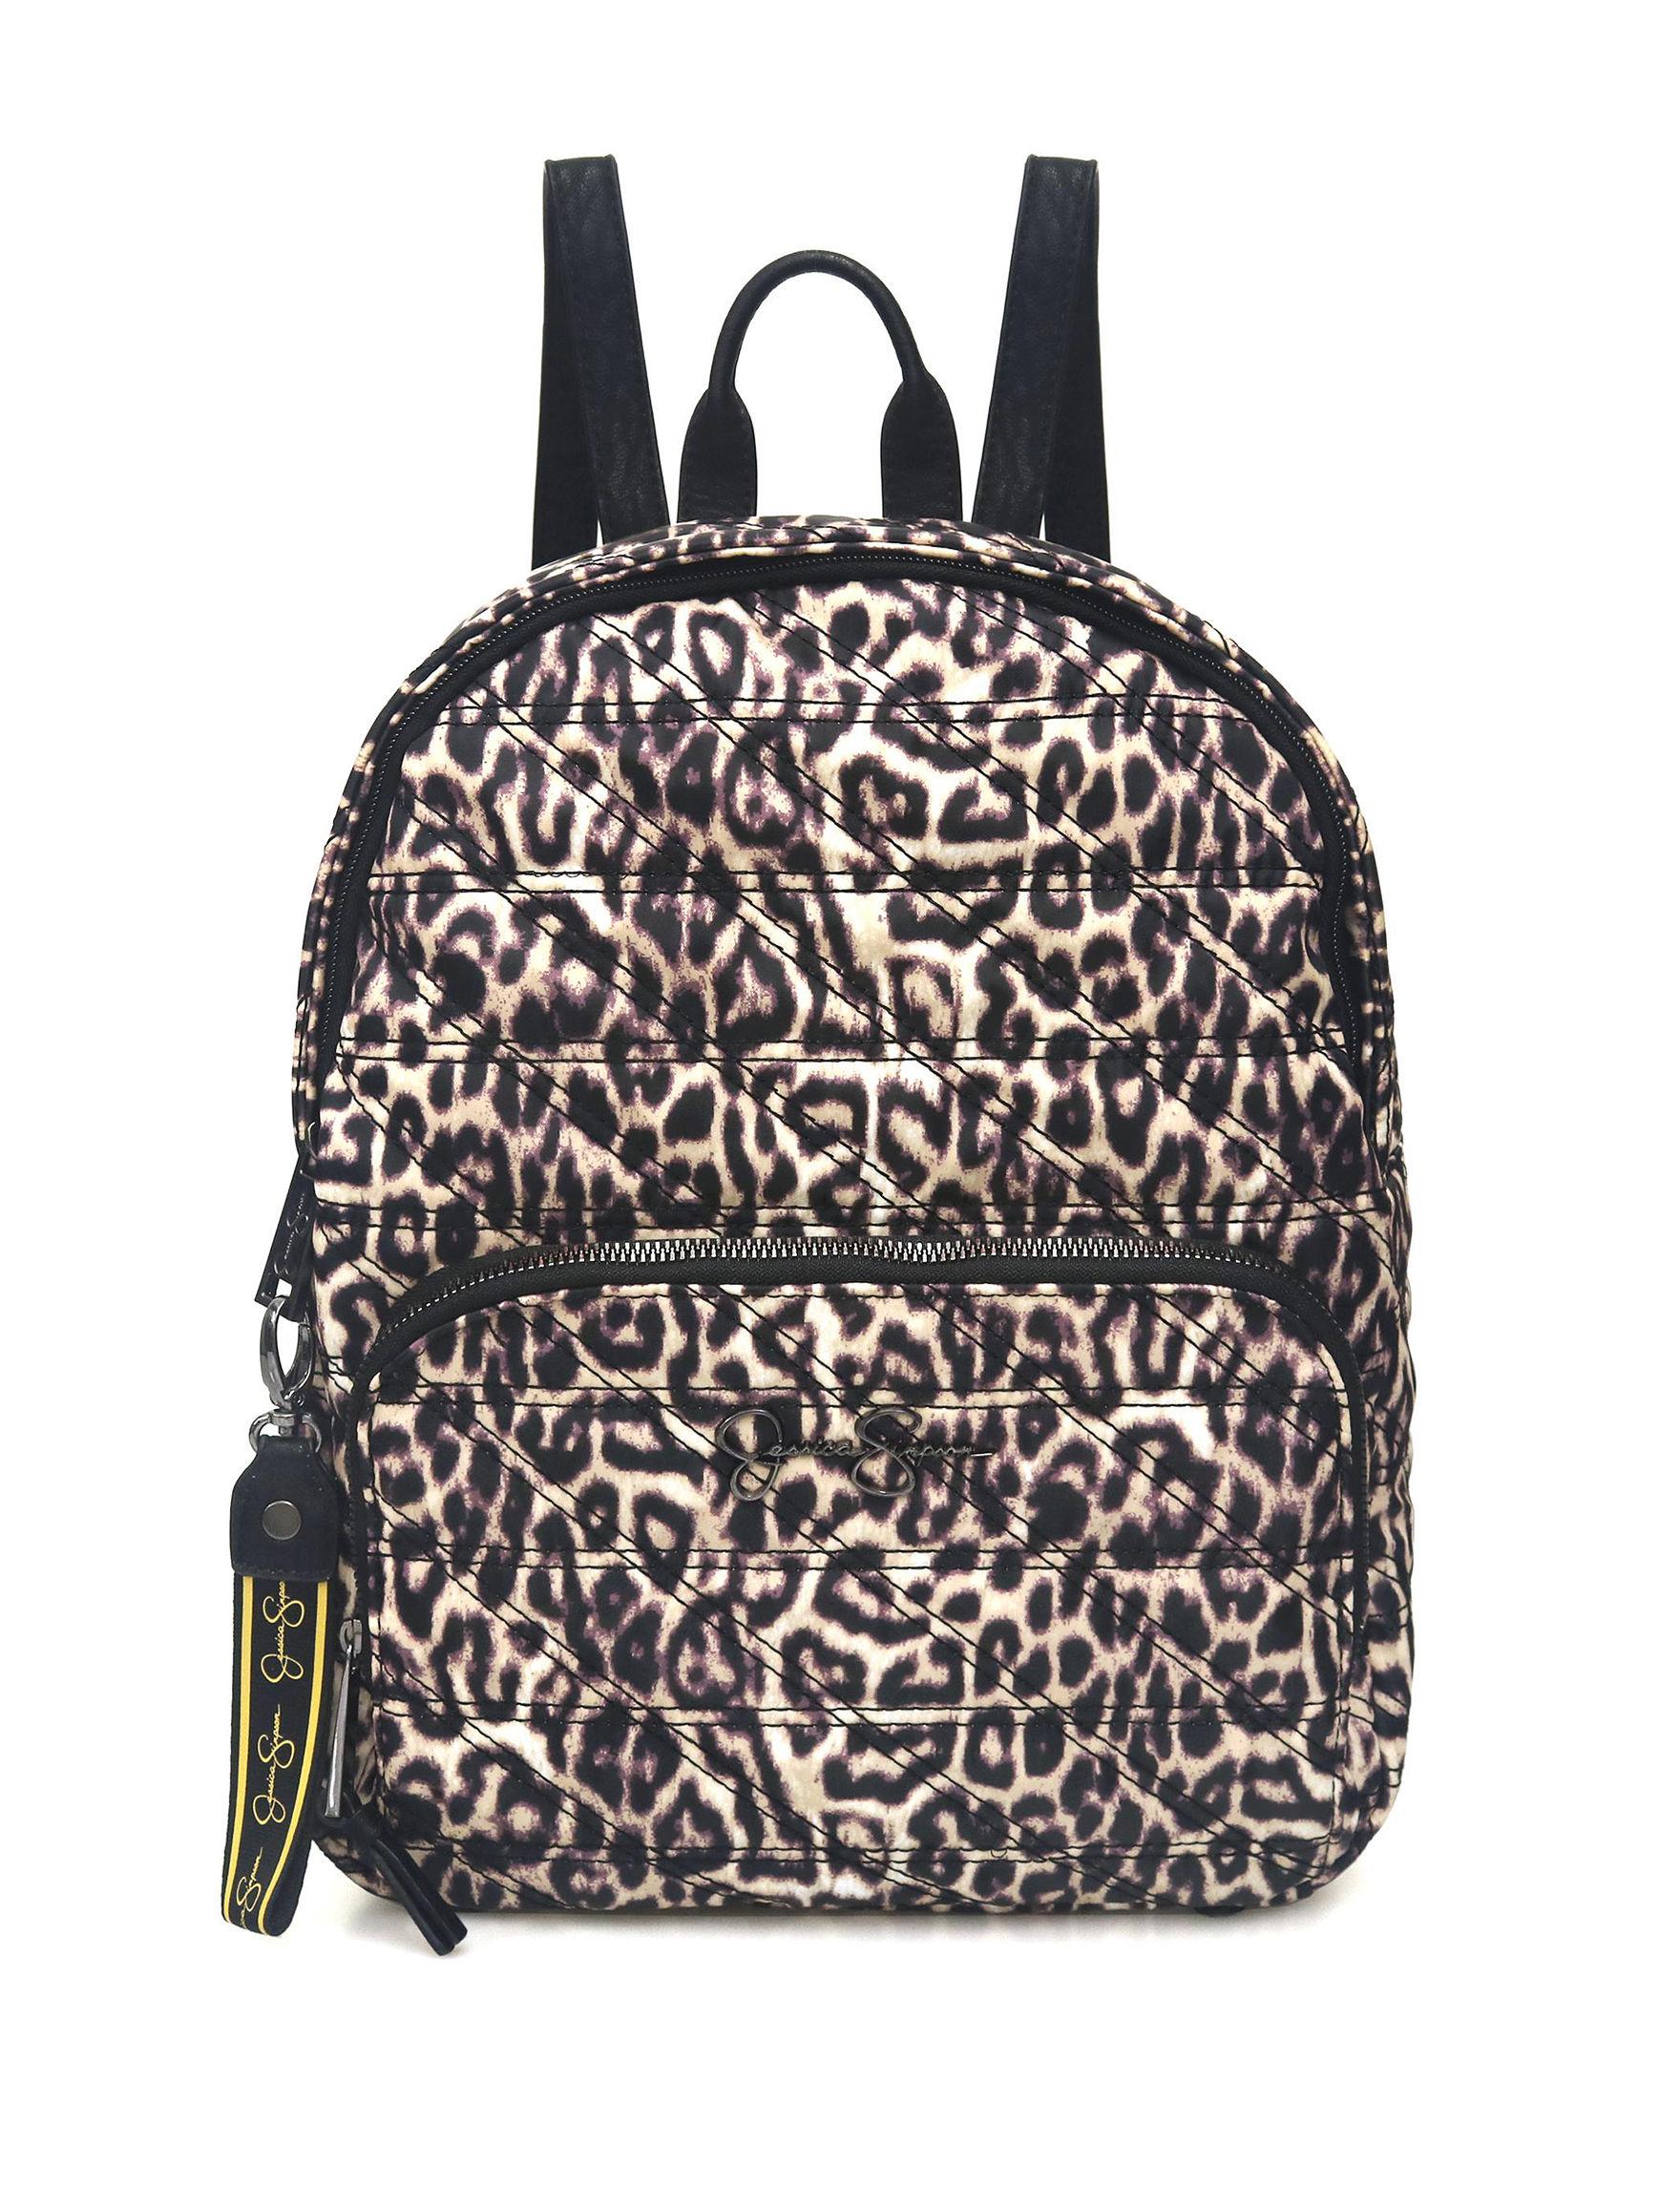 Jessica Simpson Leopard Bookbags & Backpacks